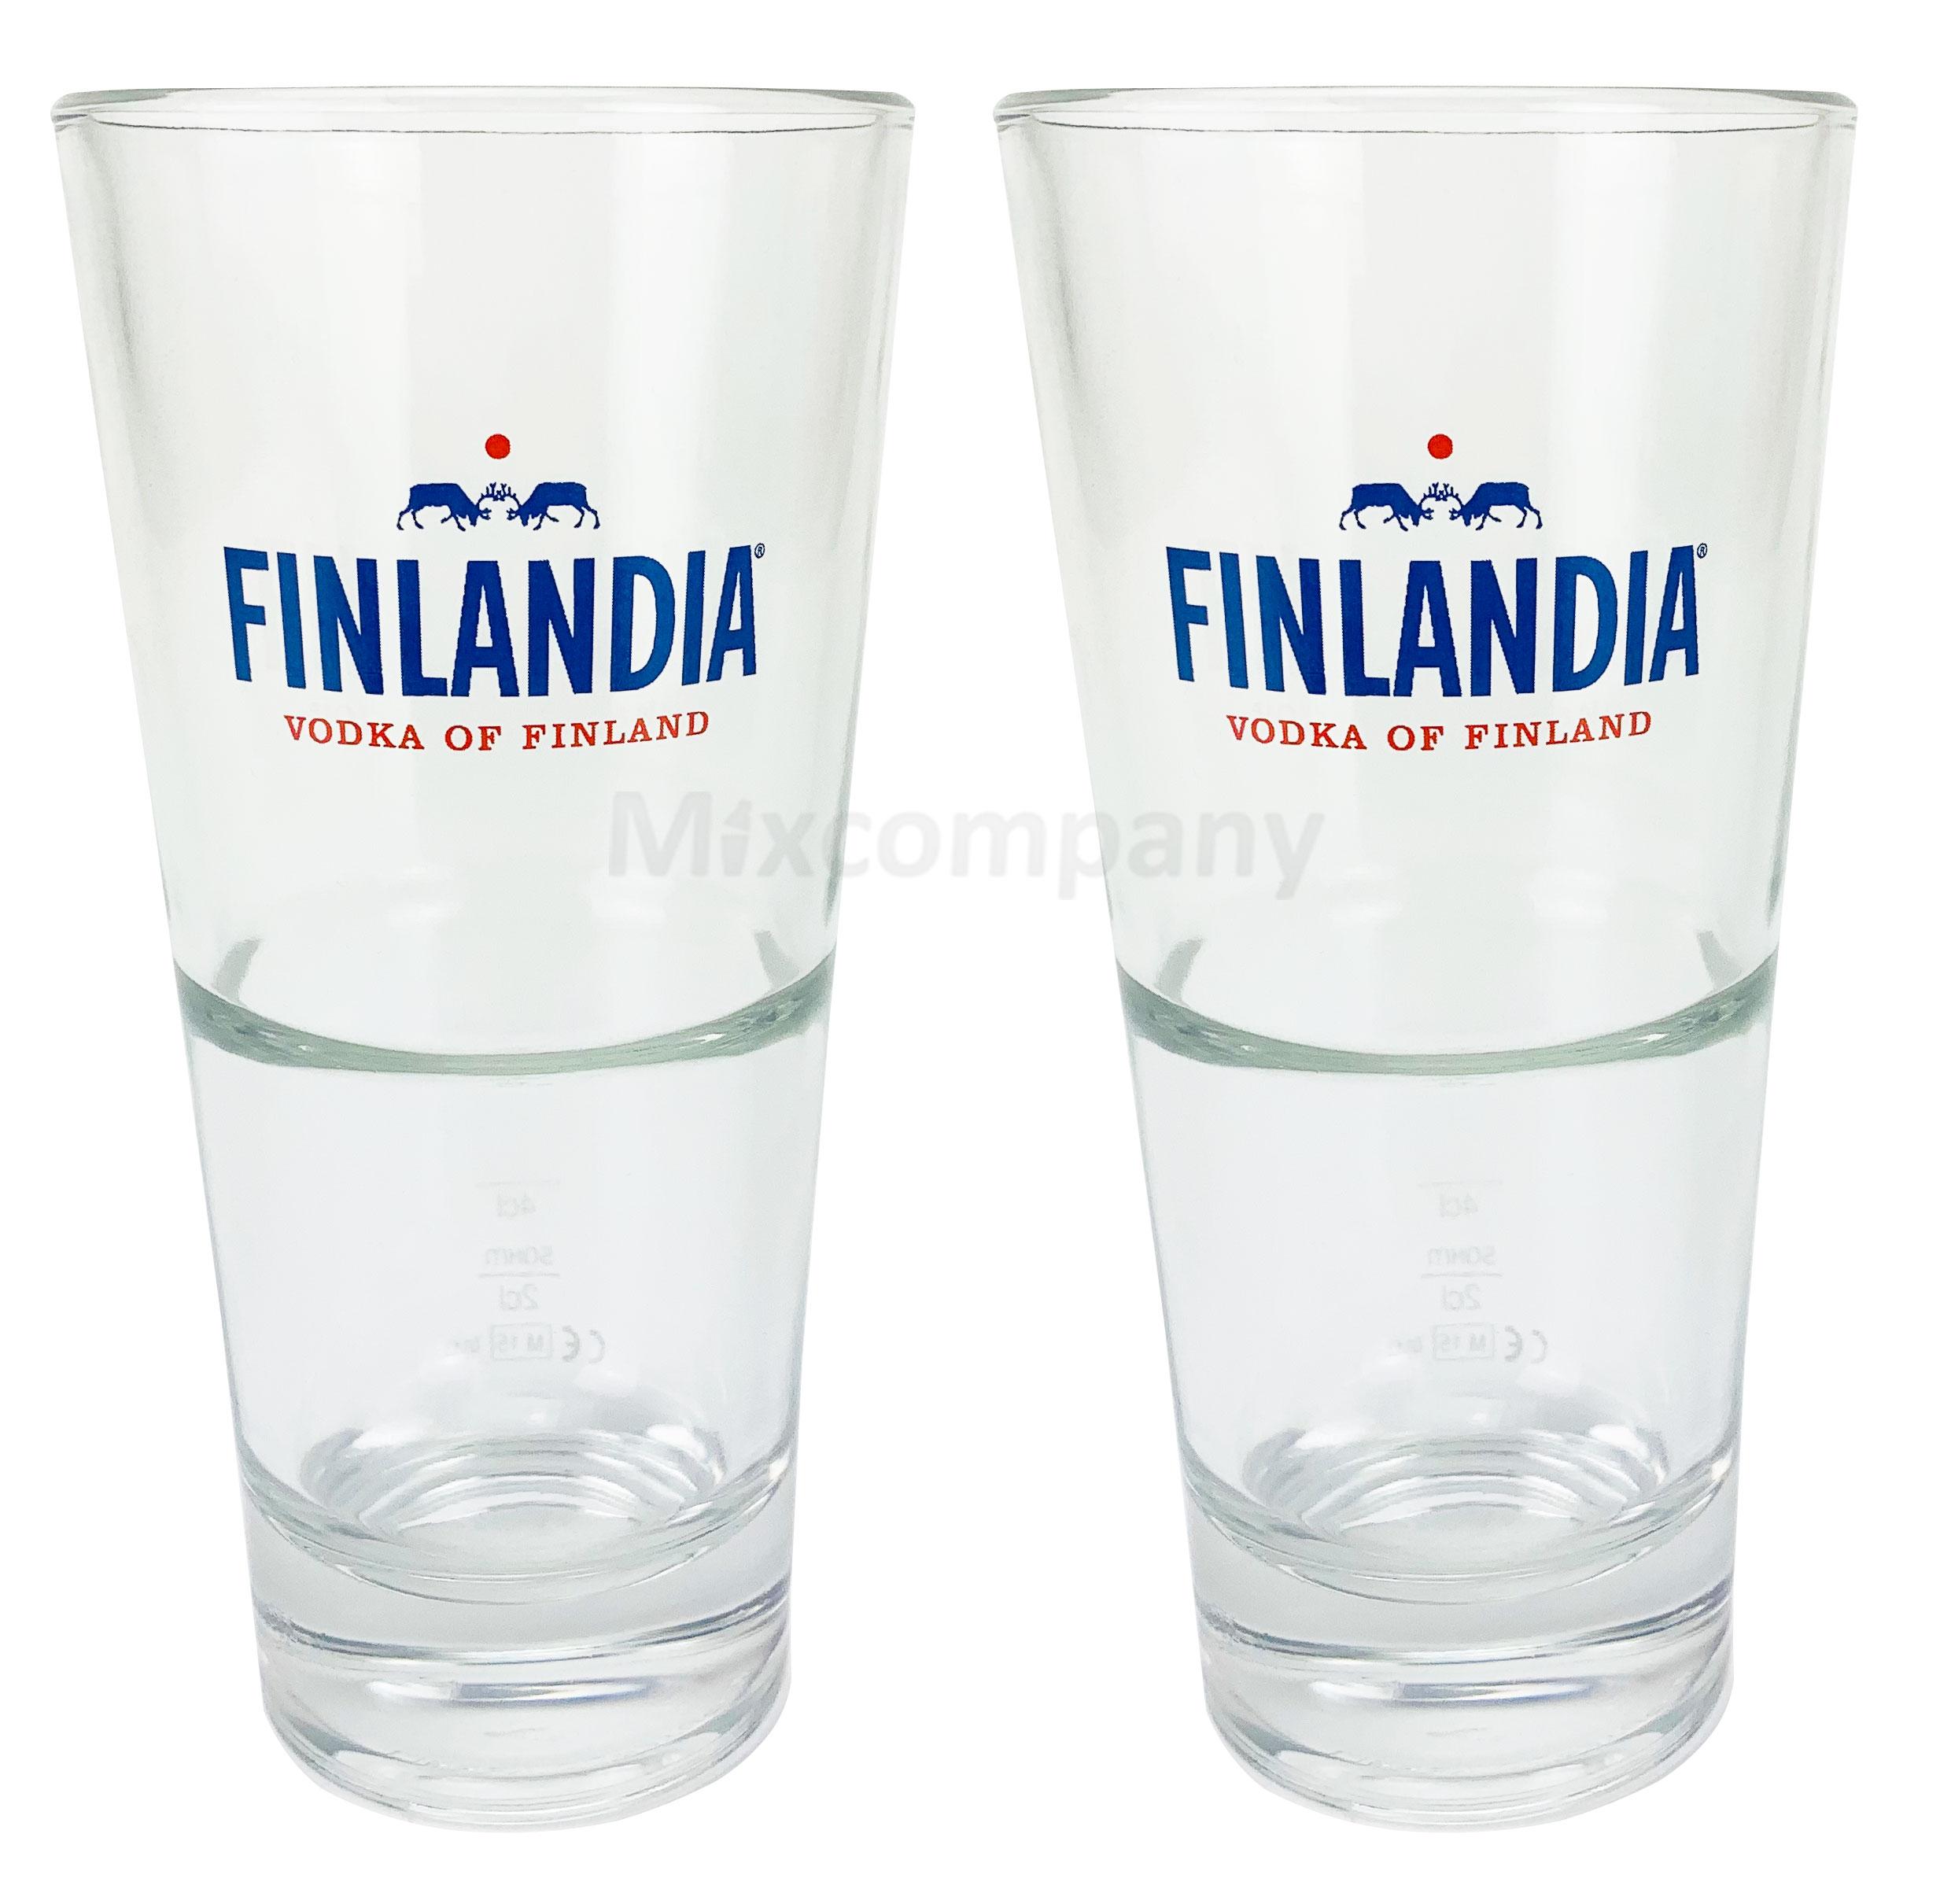 Finlandia Vodka Wodka Glas Gläser Set - 2x Gläser 2,4cl geeicht Bar Cocktail Longdrink